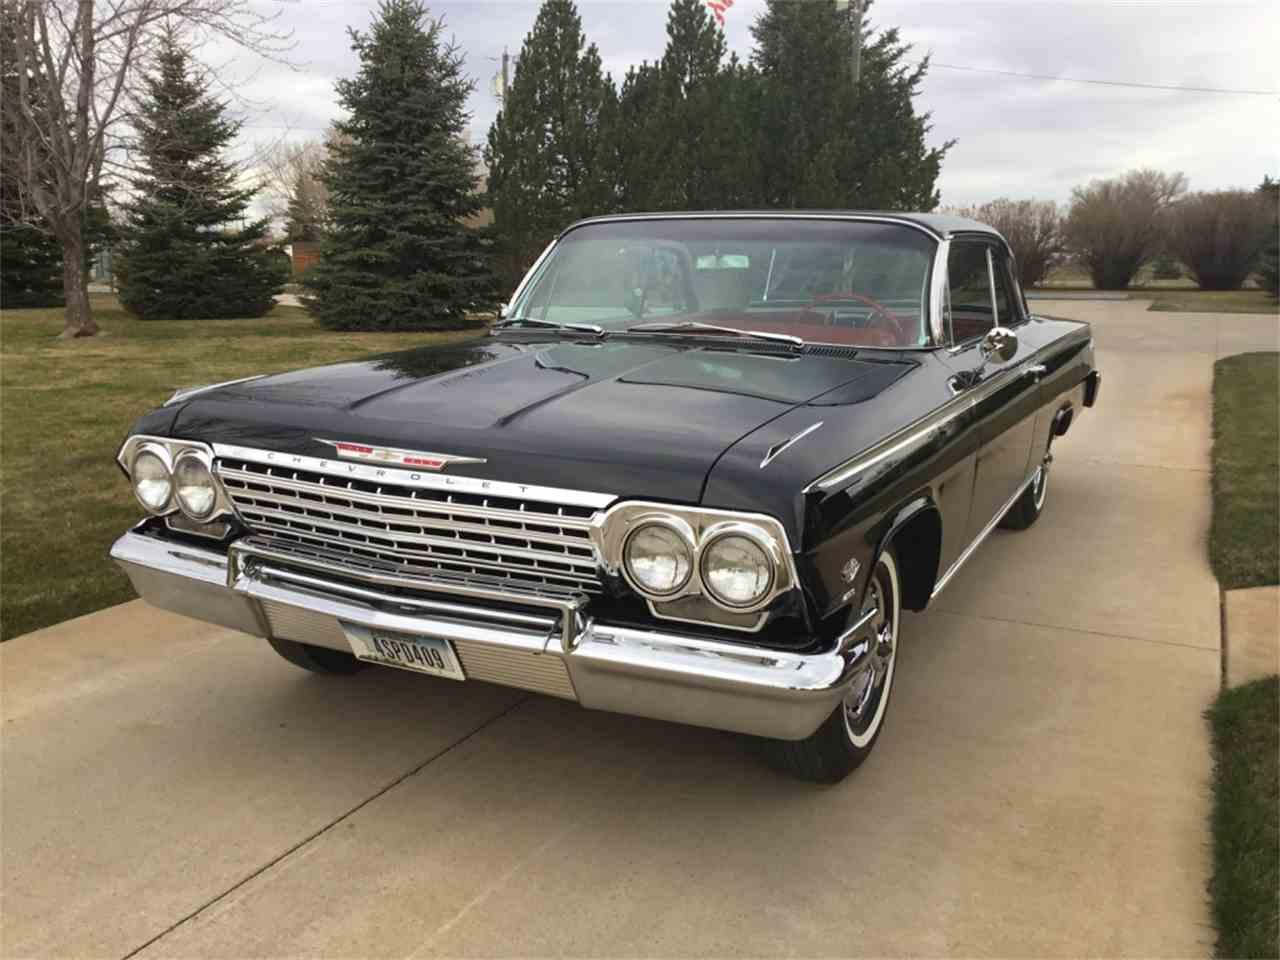 Impala 97 chevy impala : 1962 Chevrolet Impala SS for Sale | ClassicCars.com | CC-977957